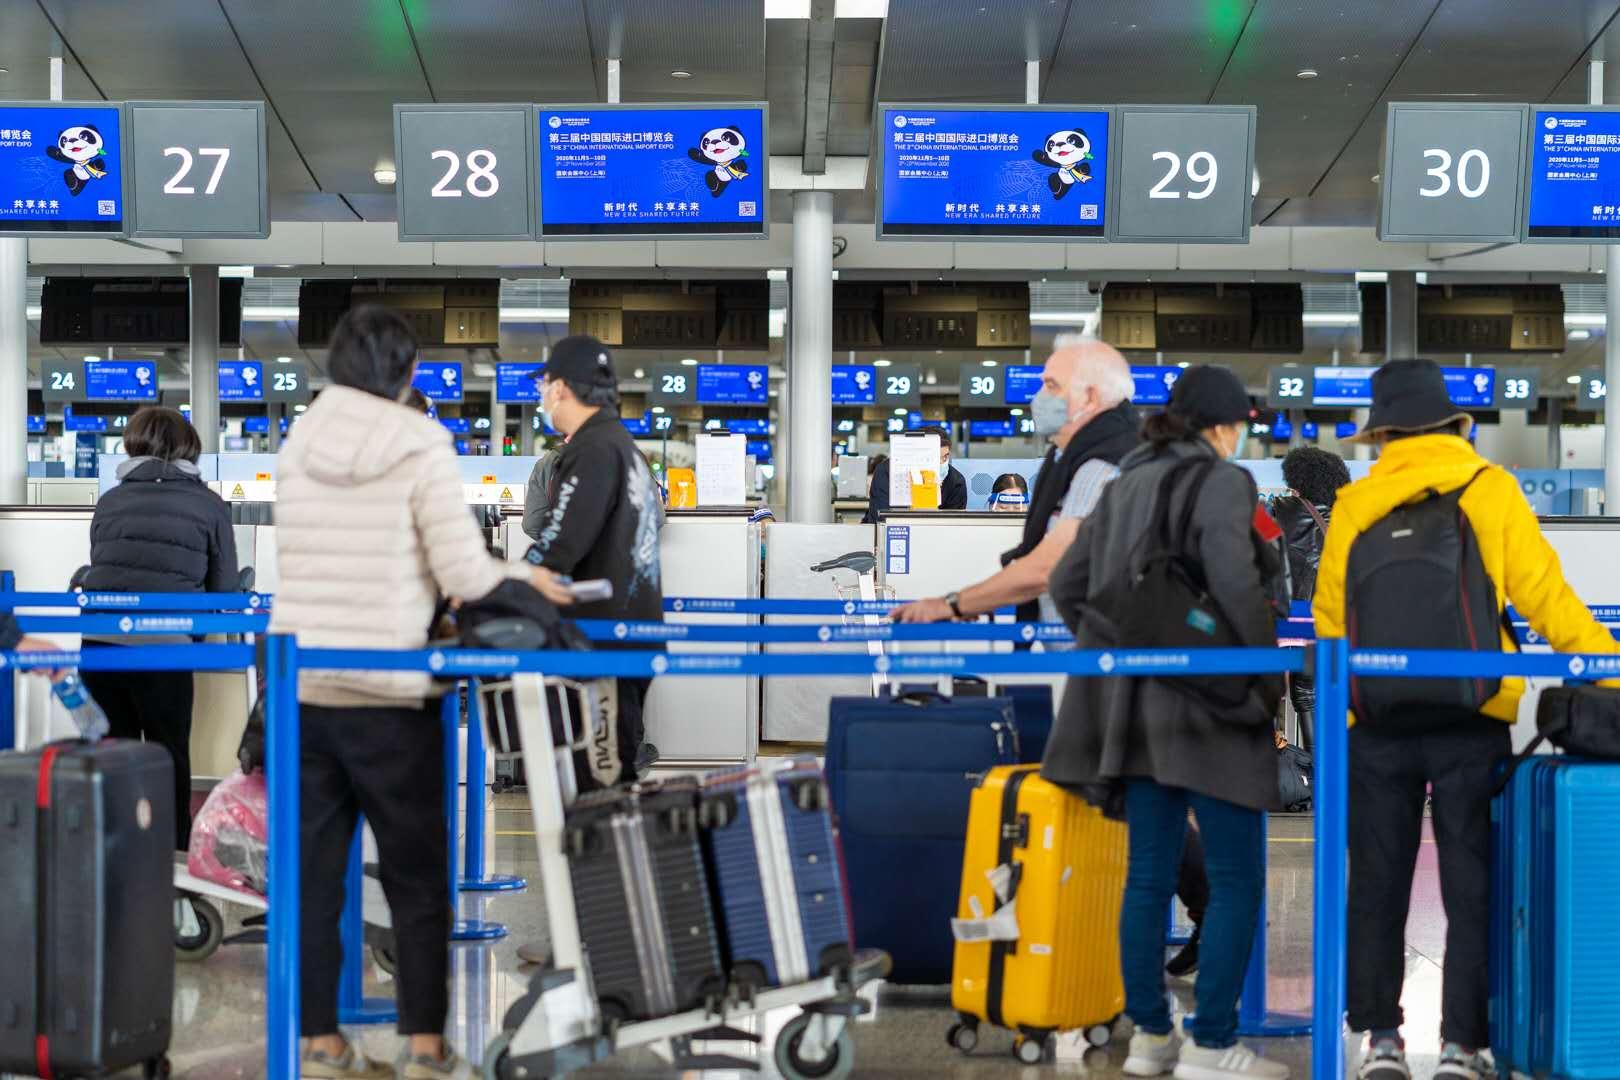 上海机场准备好了!第三届中国国际进口博览会倒计时10天